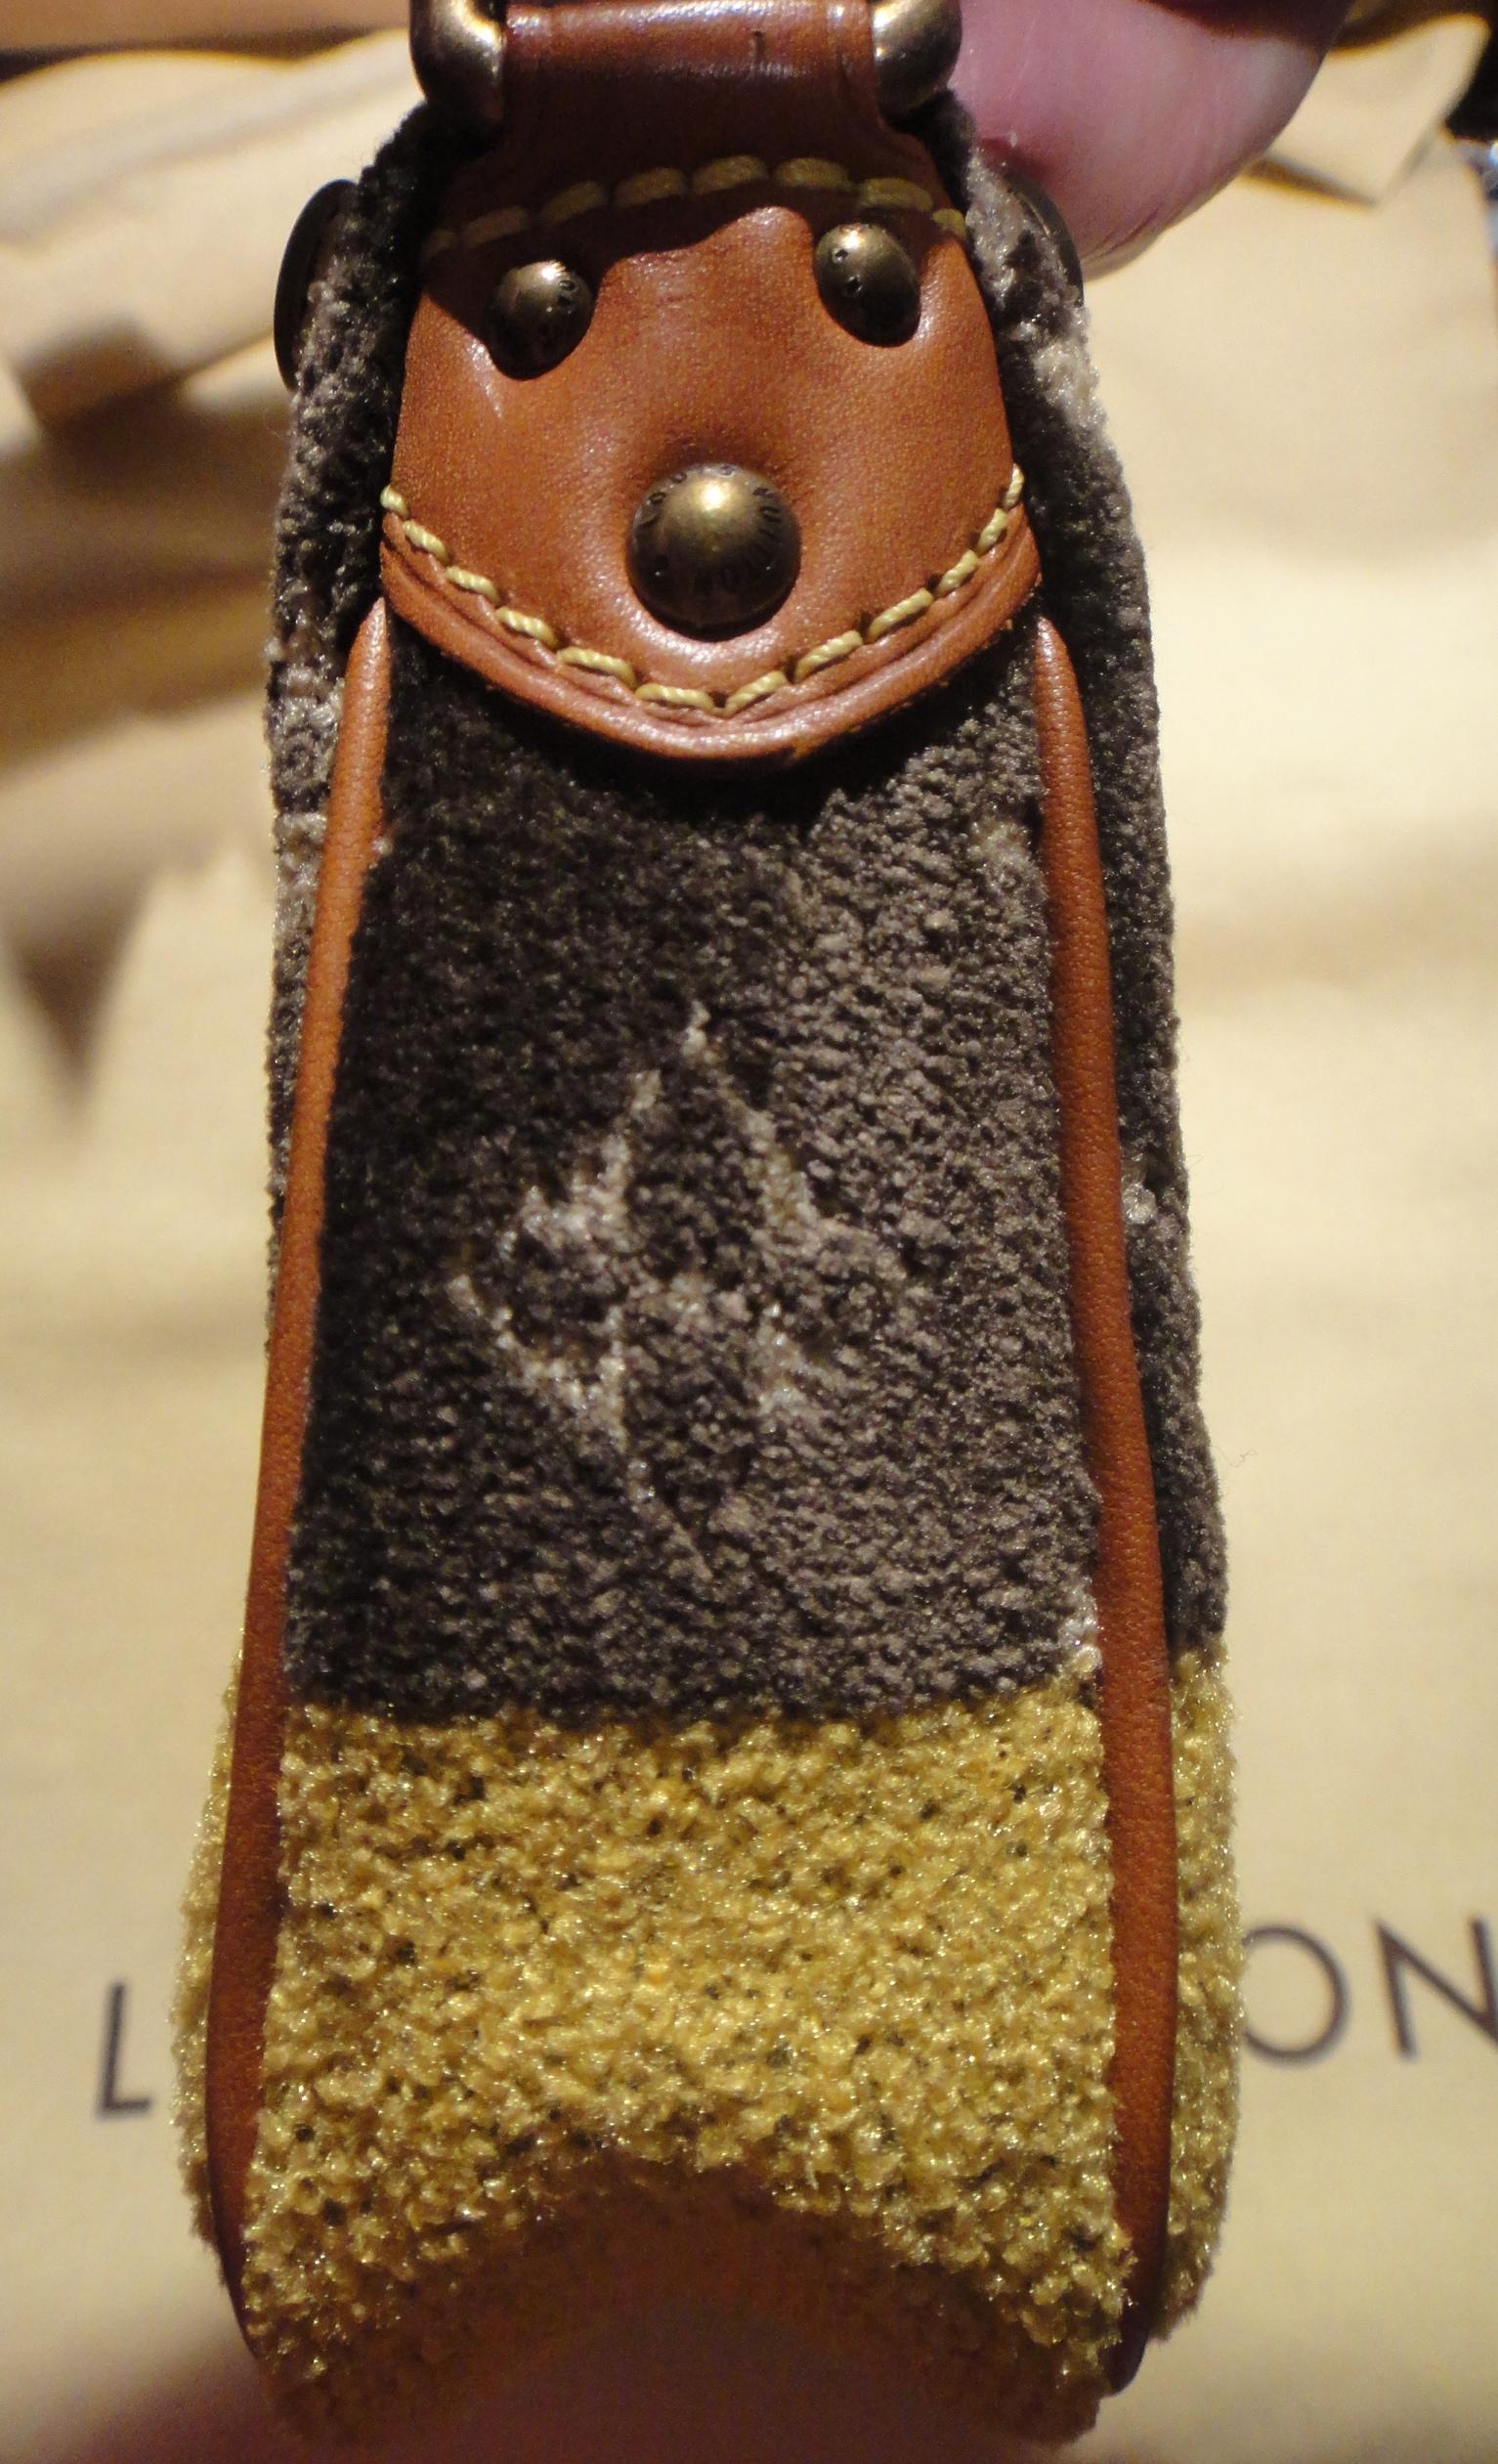 Louis Vuitton Trompe l'Oeil side of bag